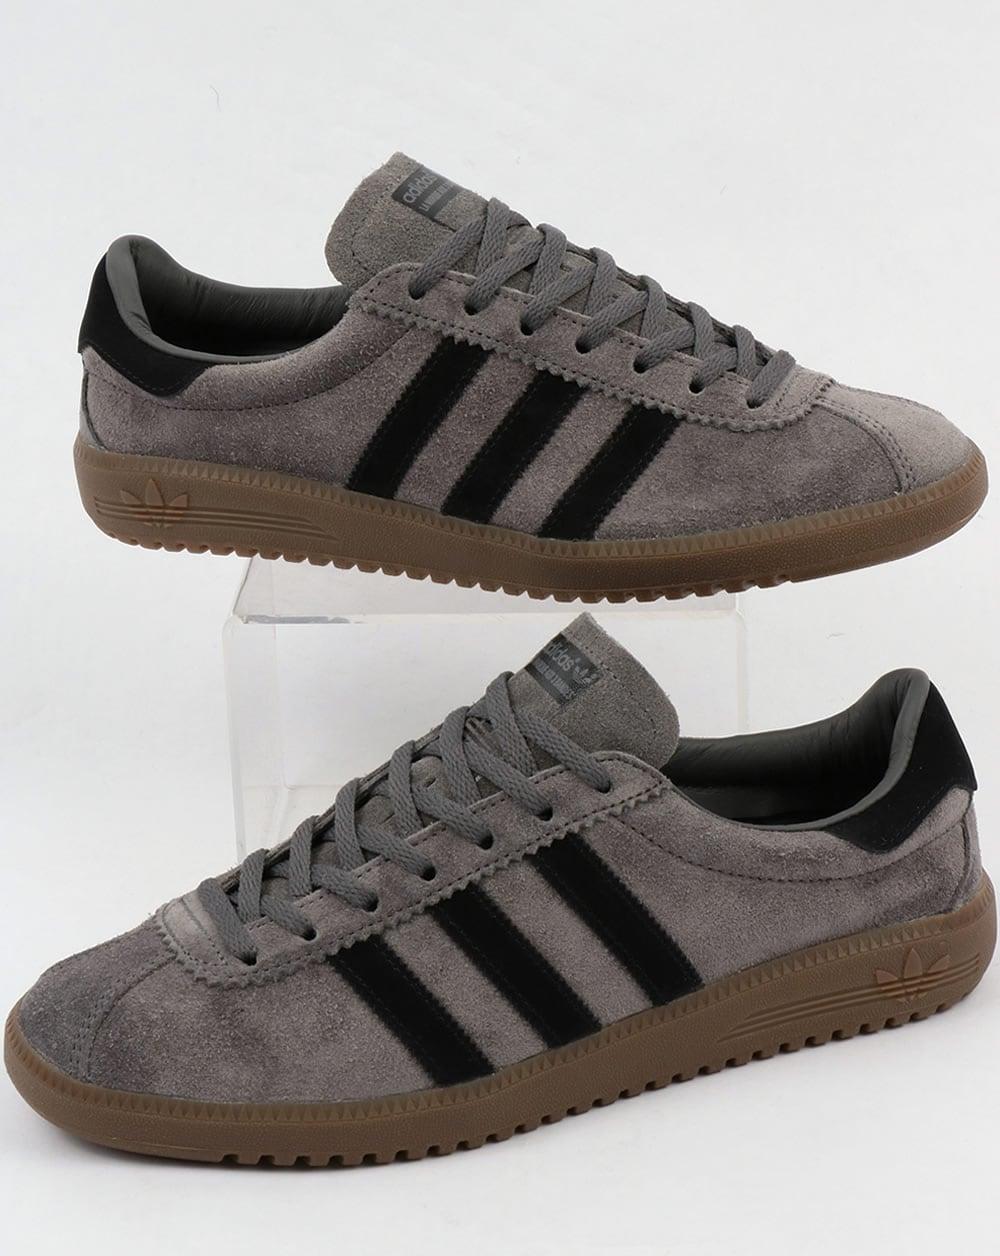 8fd7a213a0535a adidas Trainers Adidas Bermuda Trainers Grey Black Gum